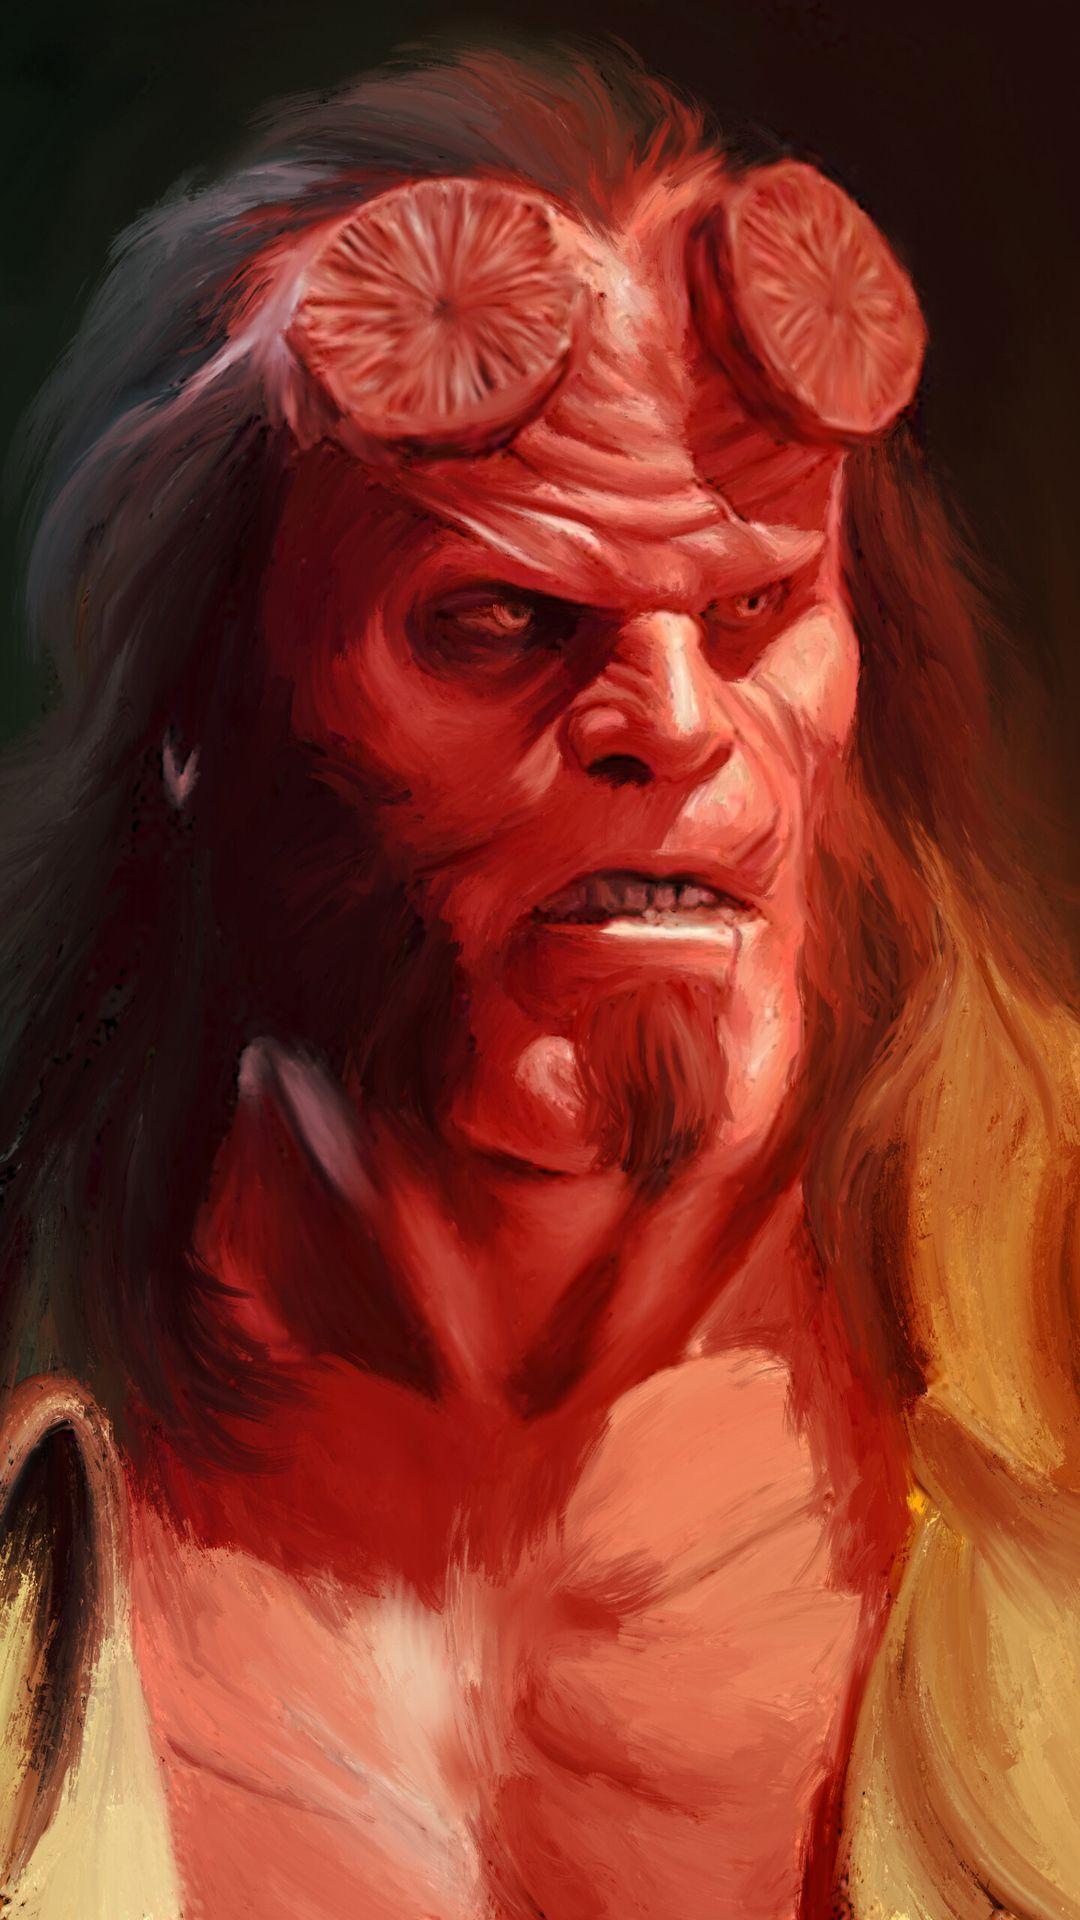 Hellboy Hd Hellboy Wallpaper Hellboy Movie Hellboy Art